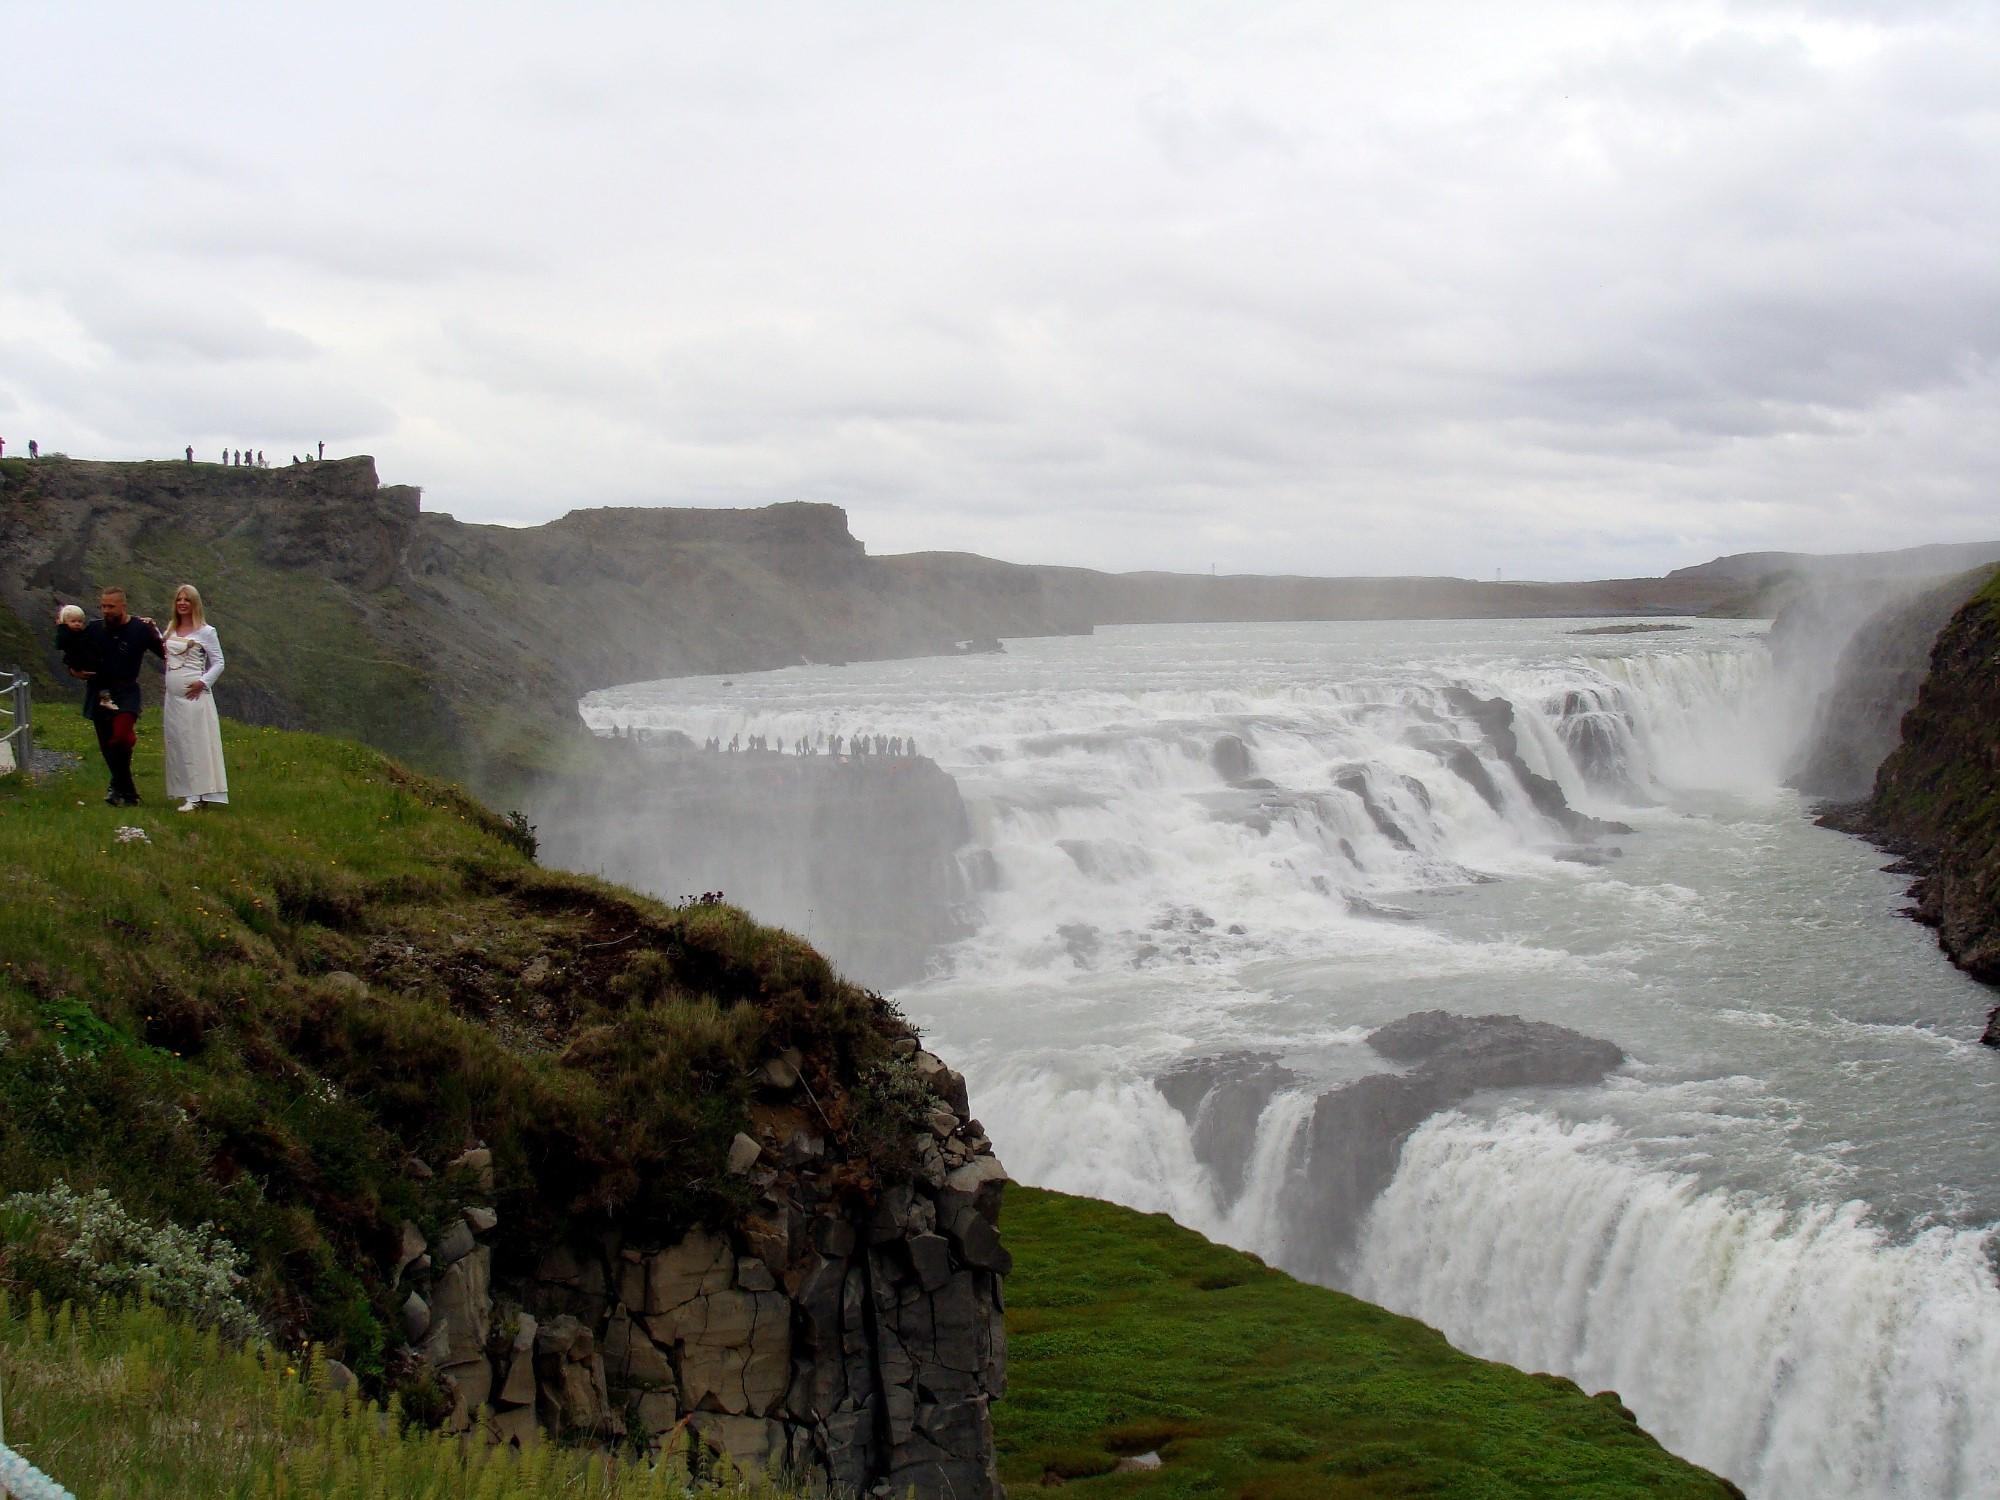 климат расположение блауфедль исландия фото седых